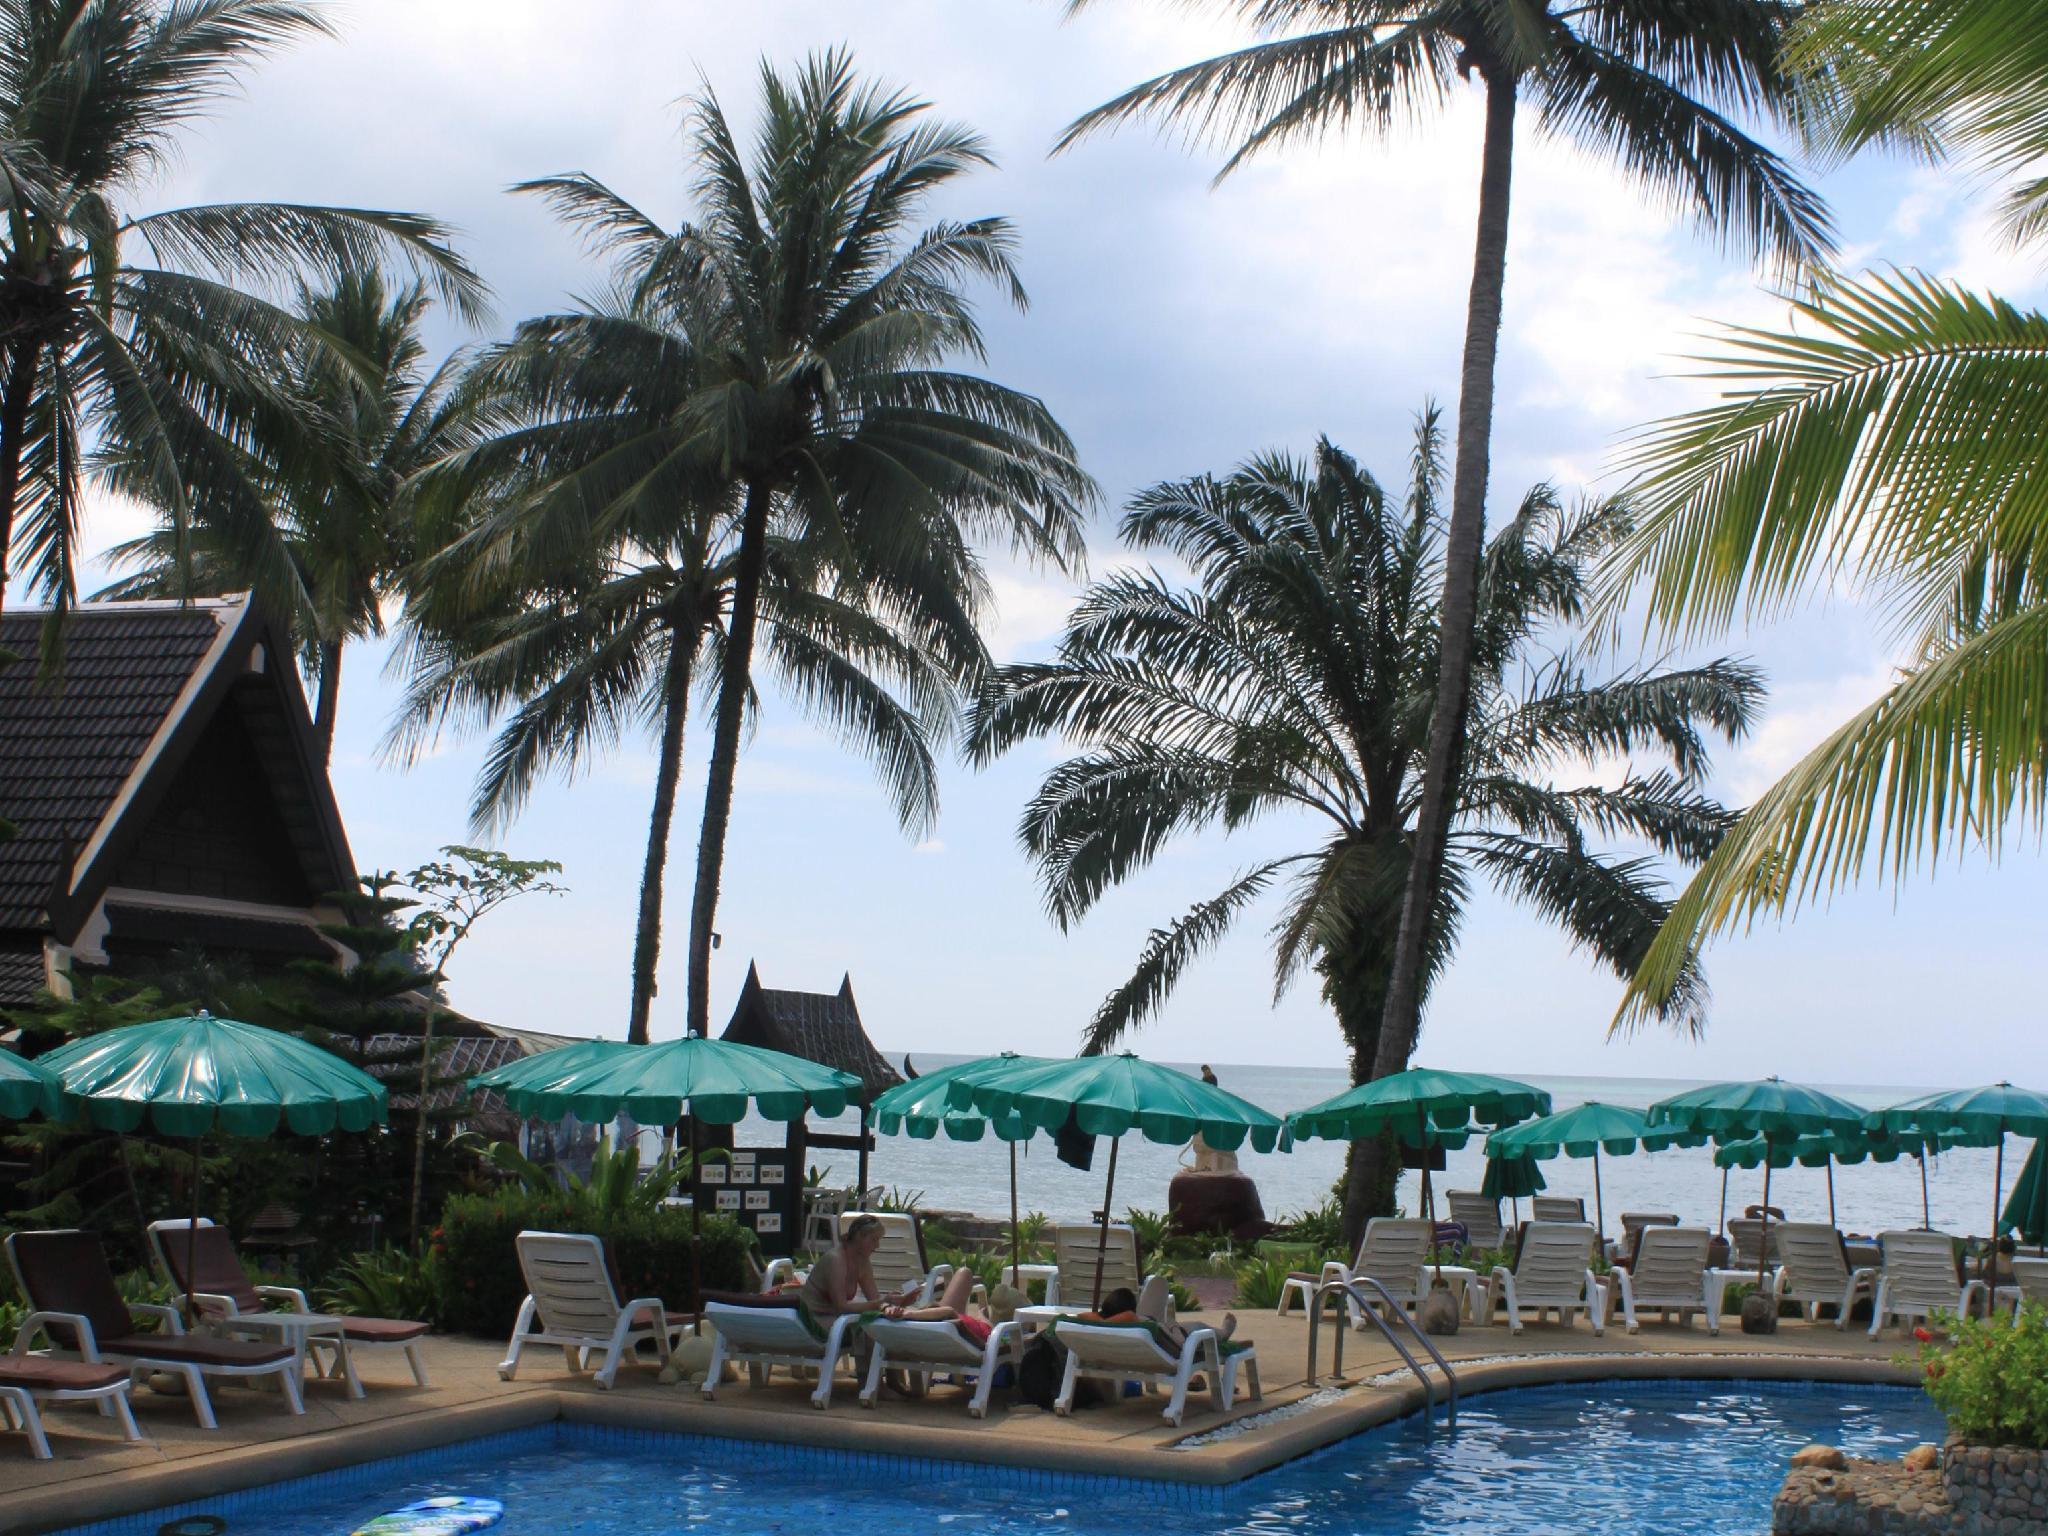 Khaolak Palm Beach Resort เขาหลัก ปาล์มบีช รีสอร์ท